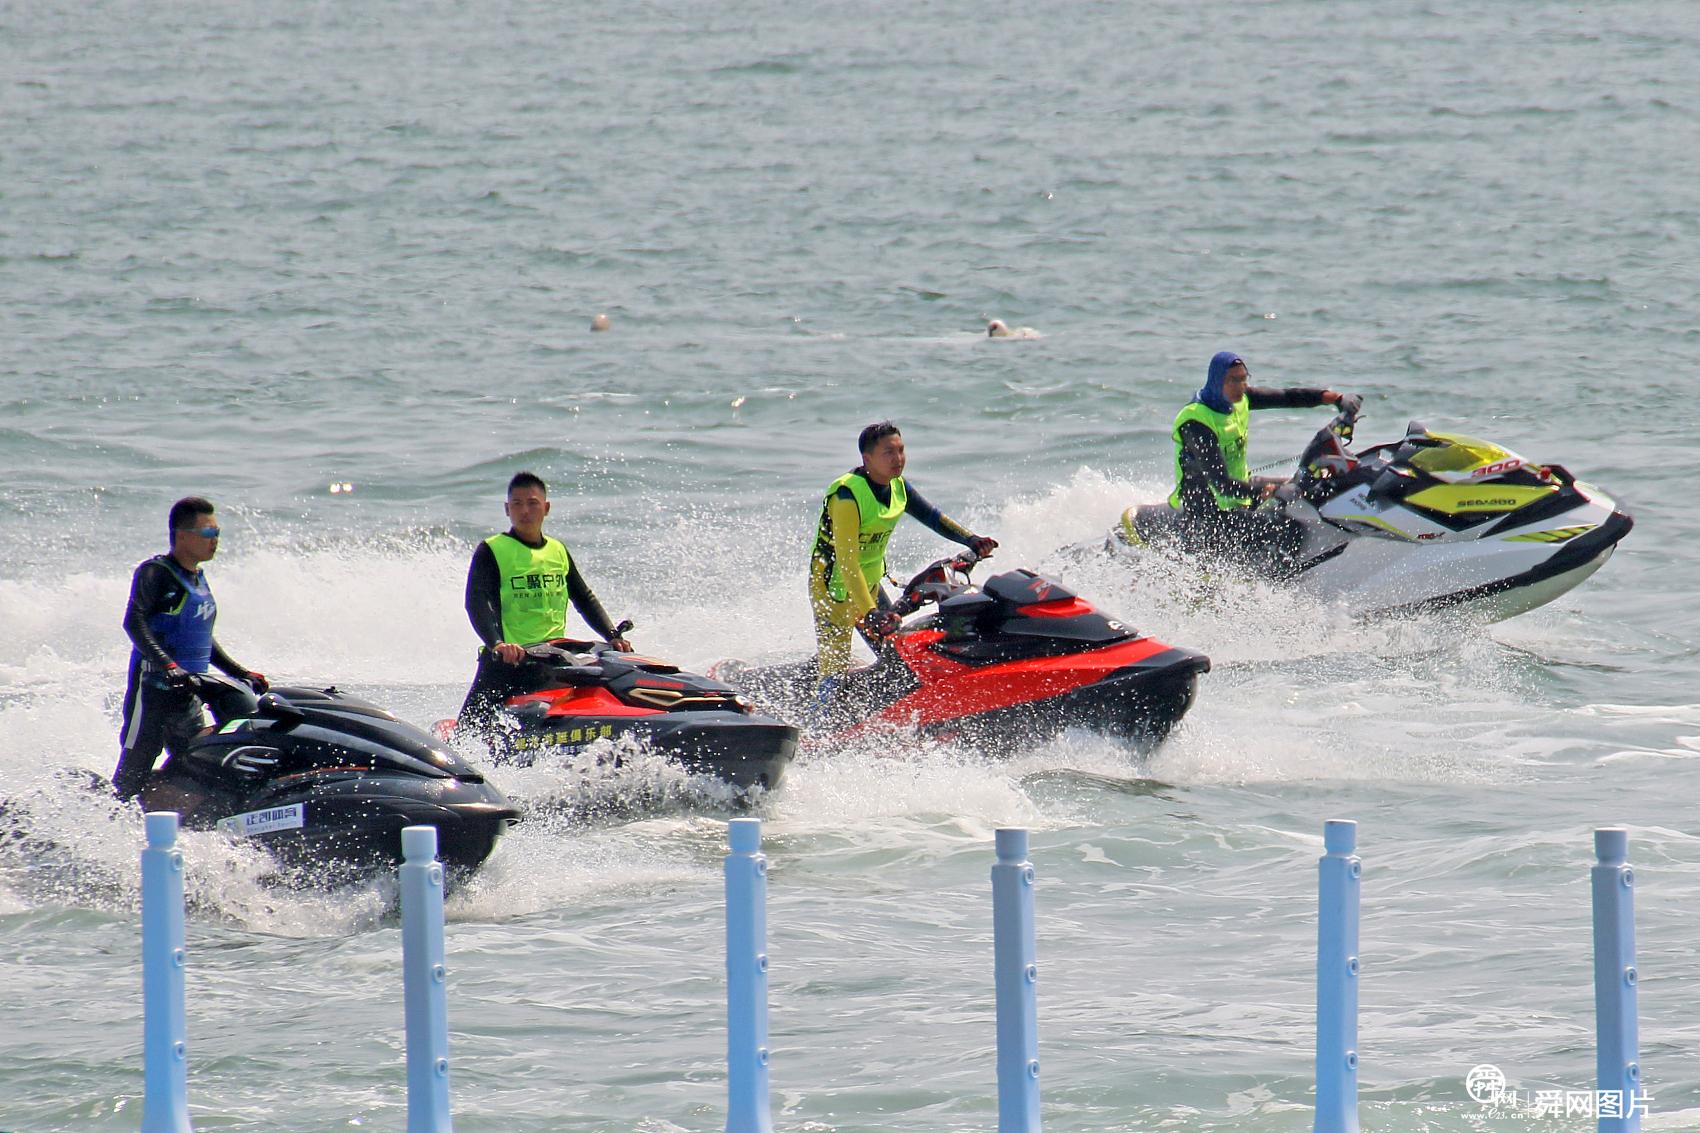 山东烟台:摩托艇爱好者夏日逐浪